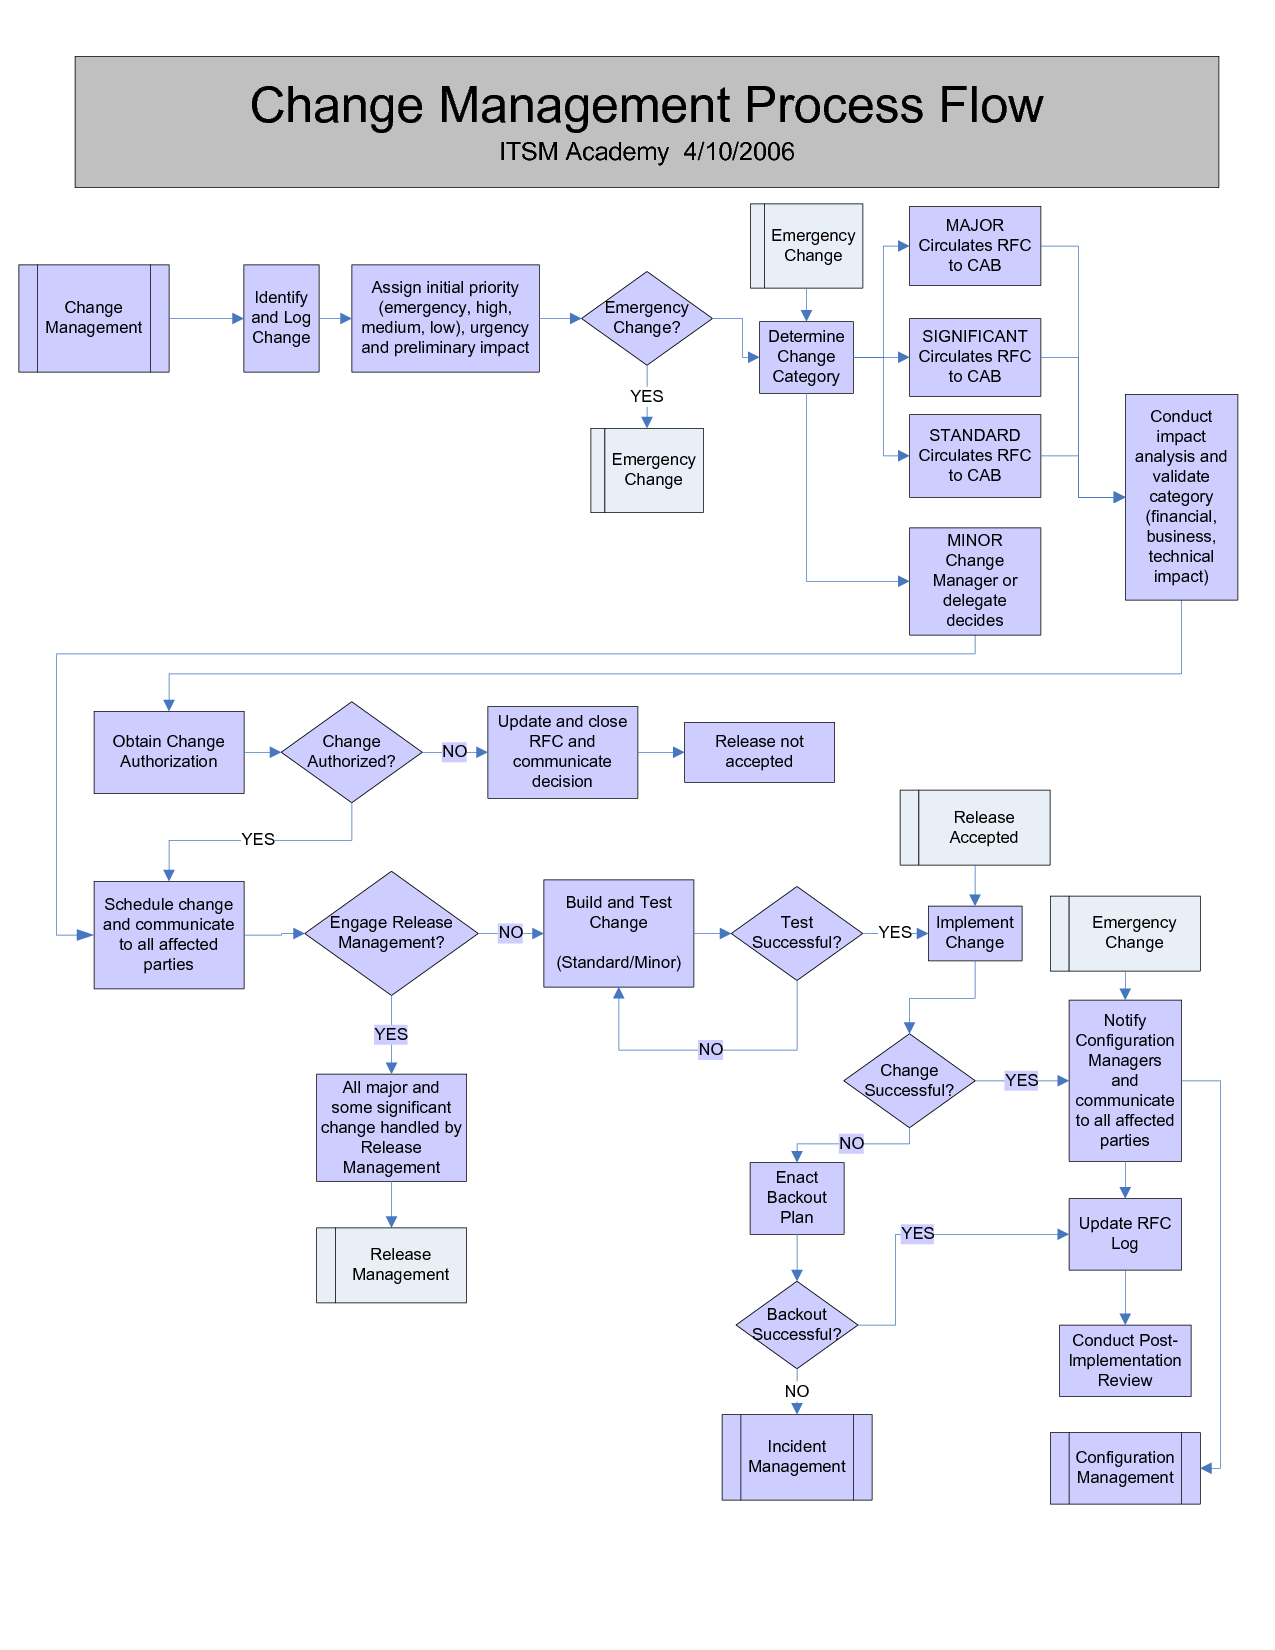 change management process flow management tips talent management change management business management  [ 1275 x 1650 Pixel ]